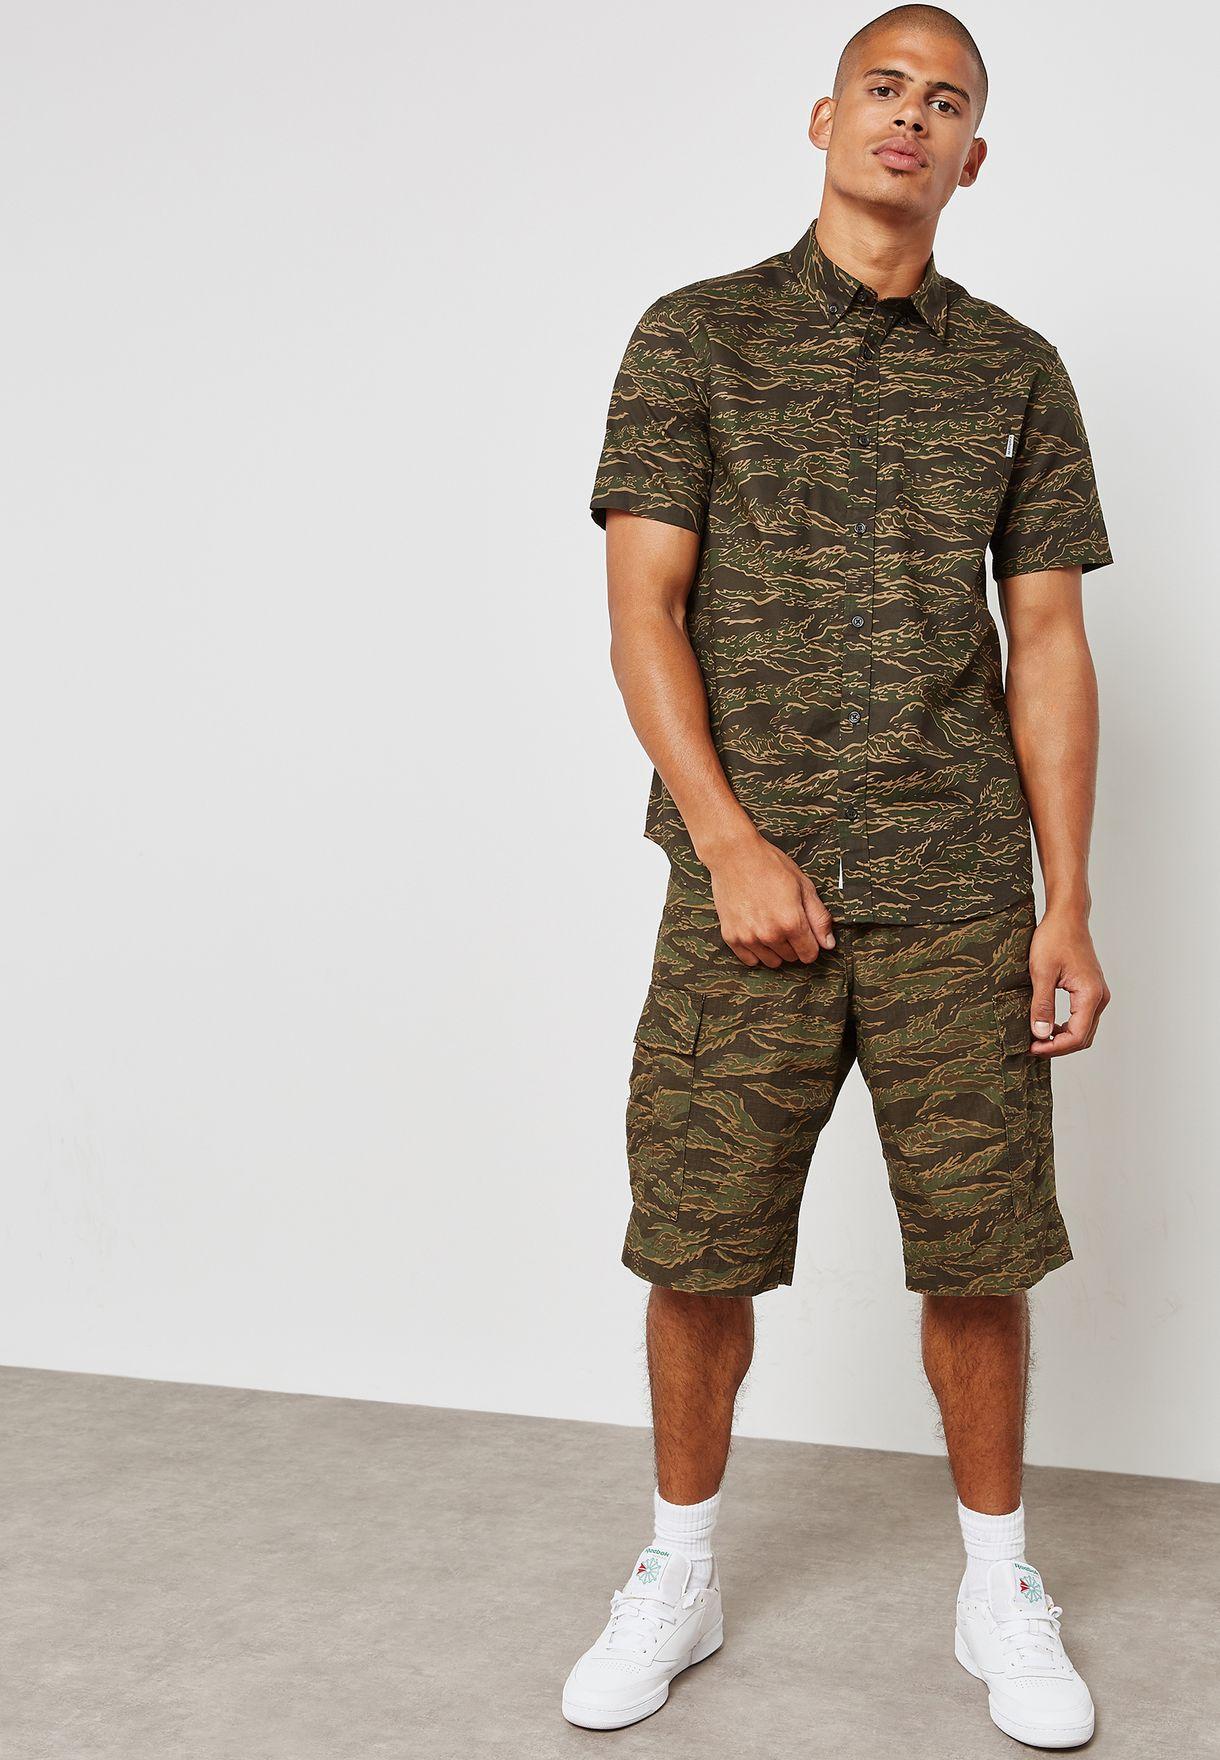 Tiger Camo Print Shirt